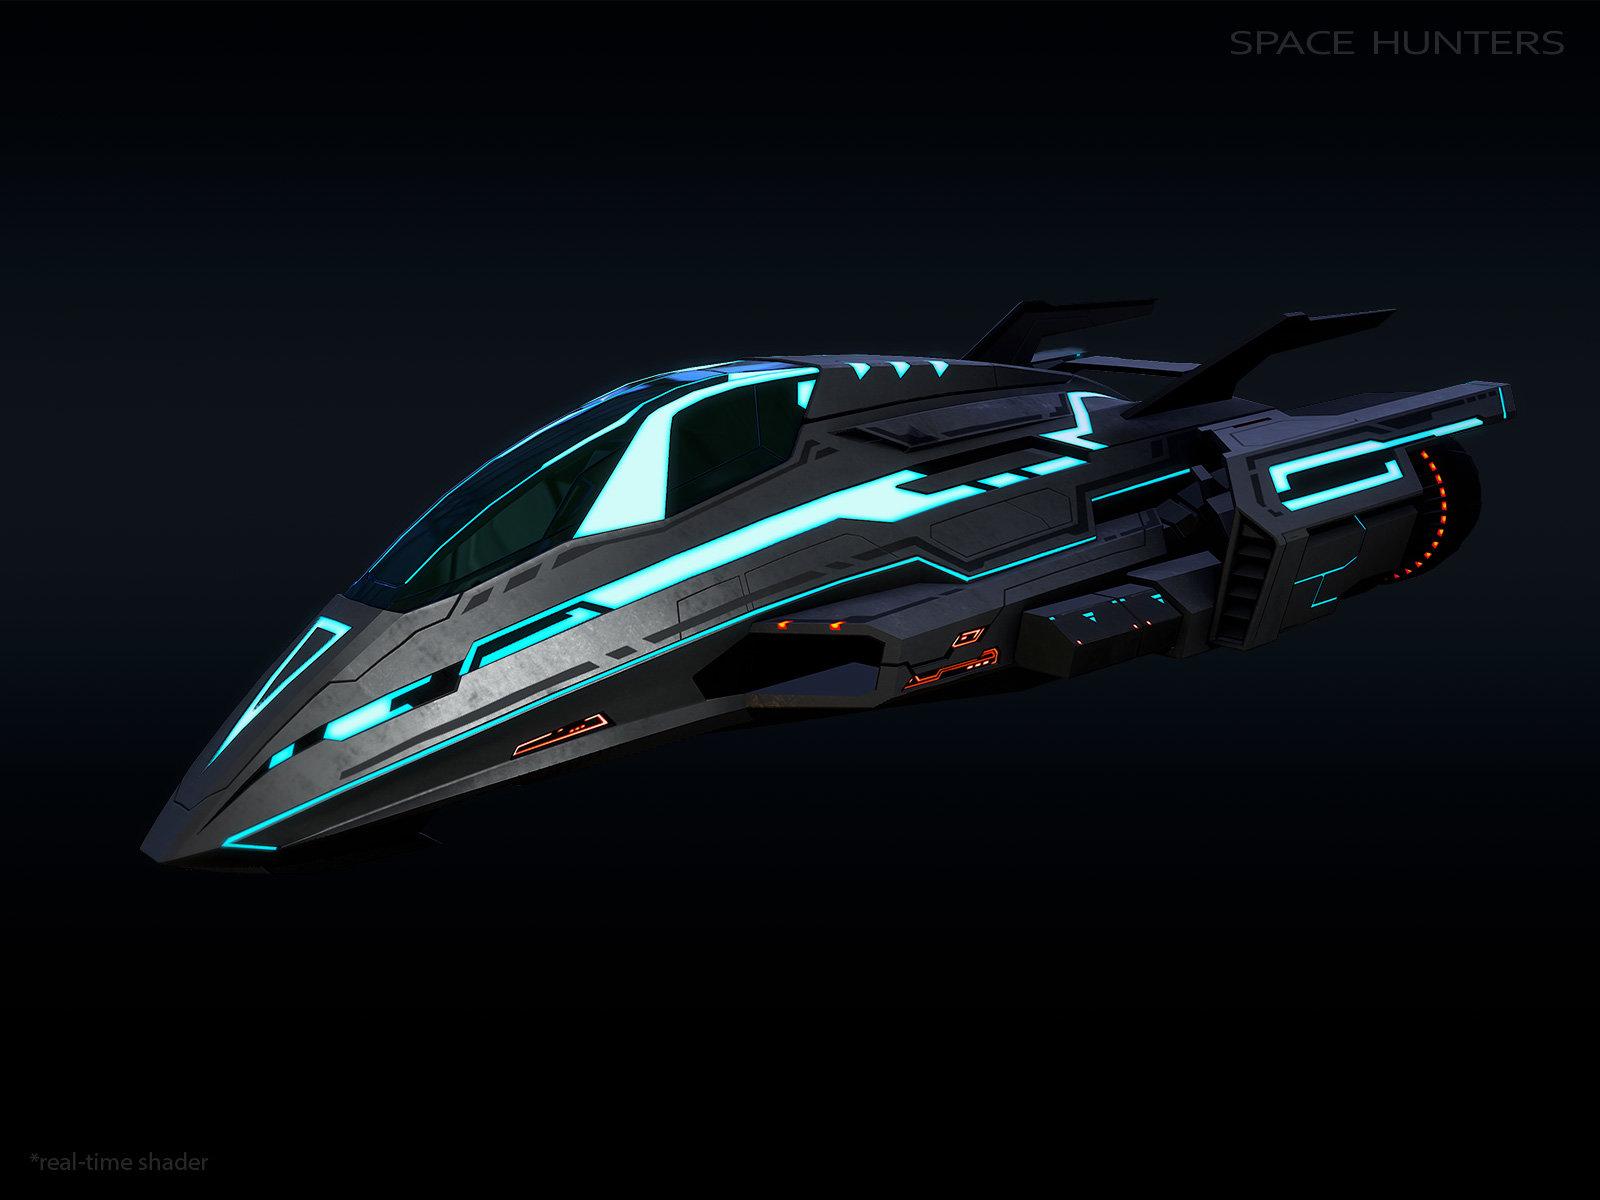 Demitry nemirovskiy spaceship2 1